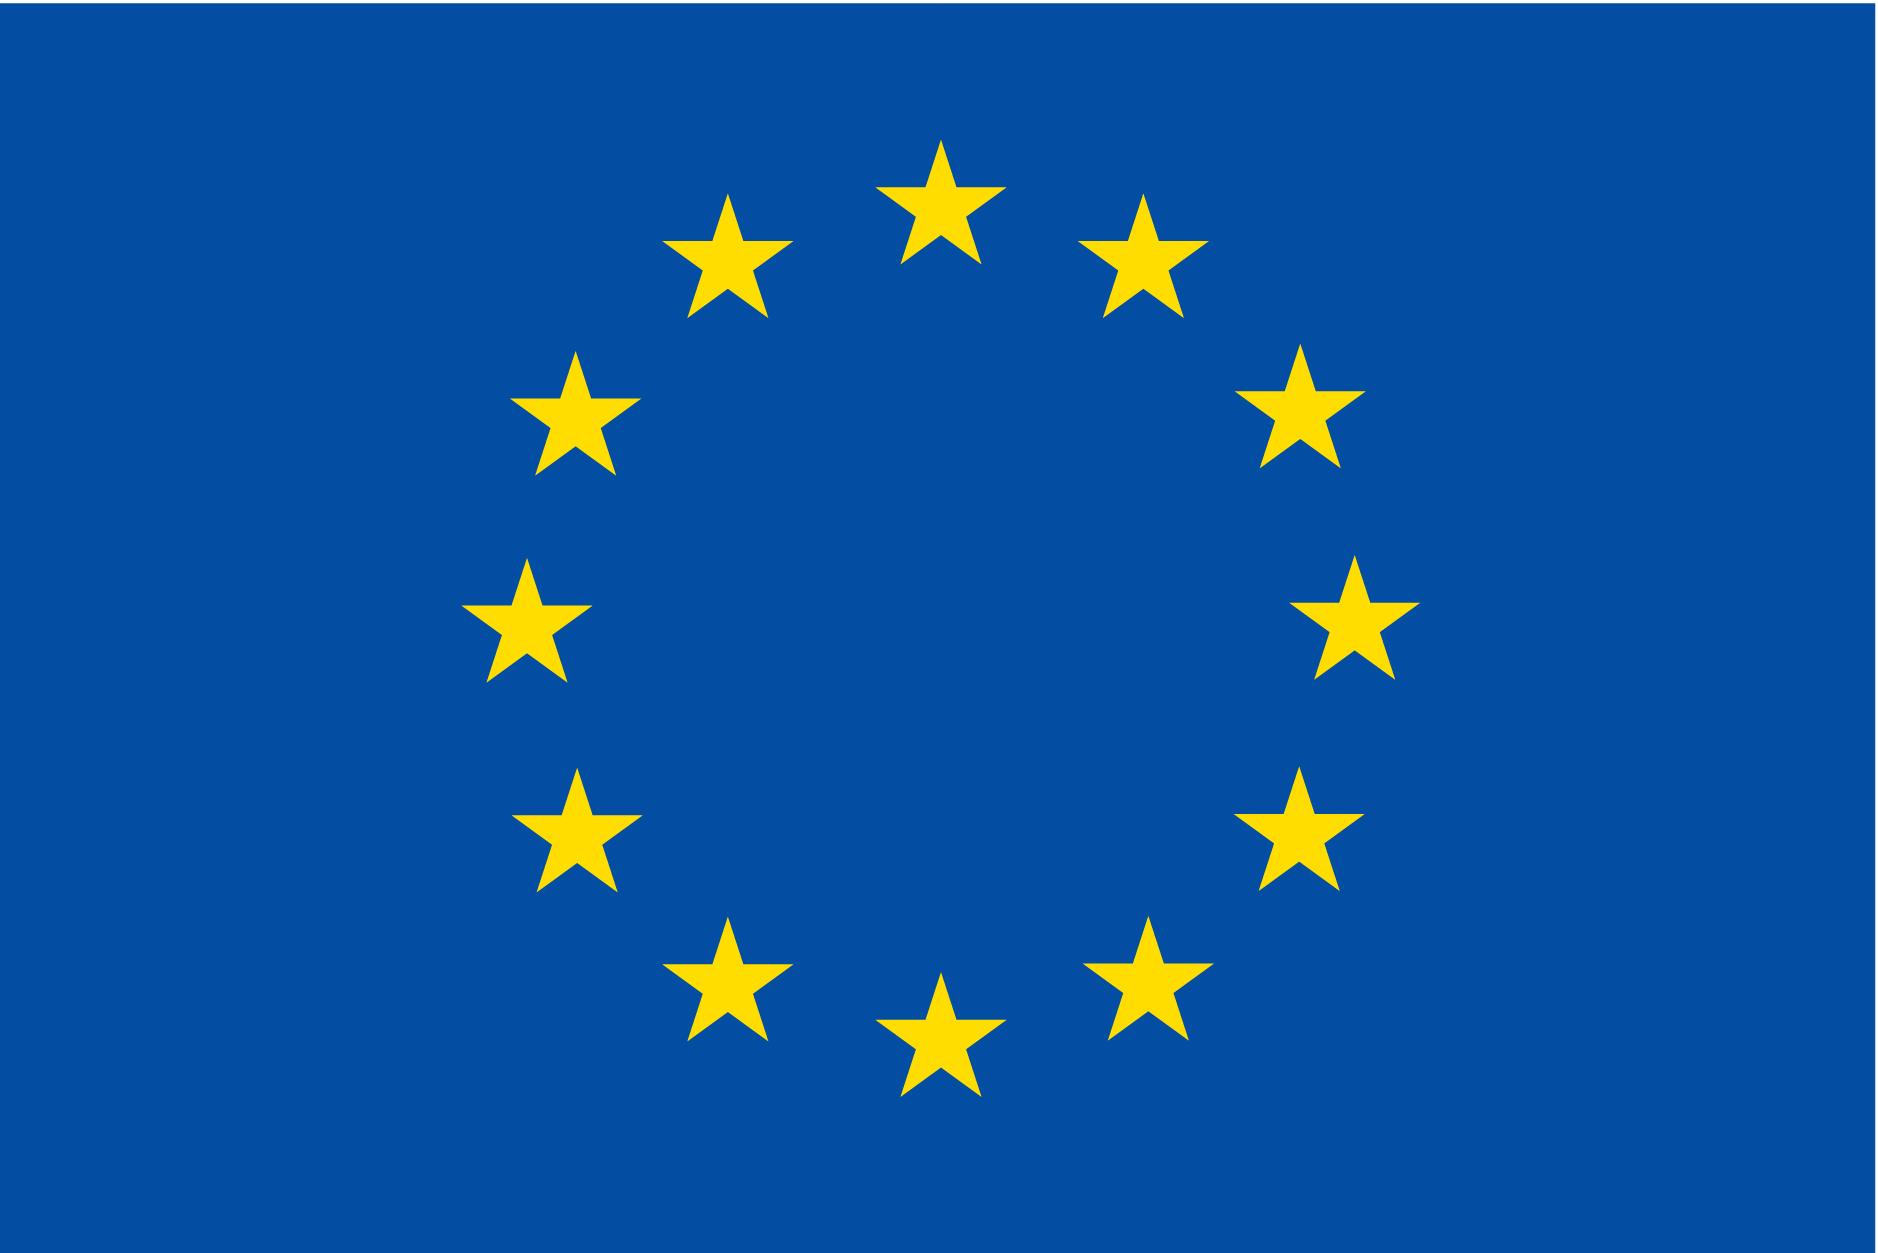 L'Union européenne en quelques chiffres